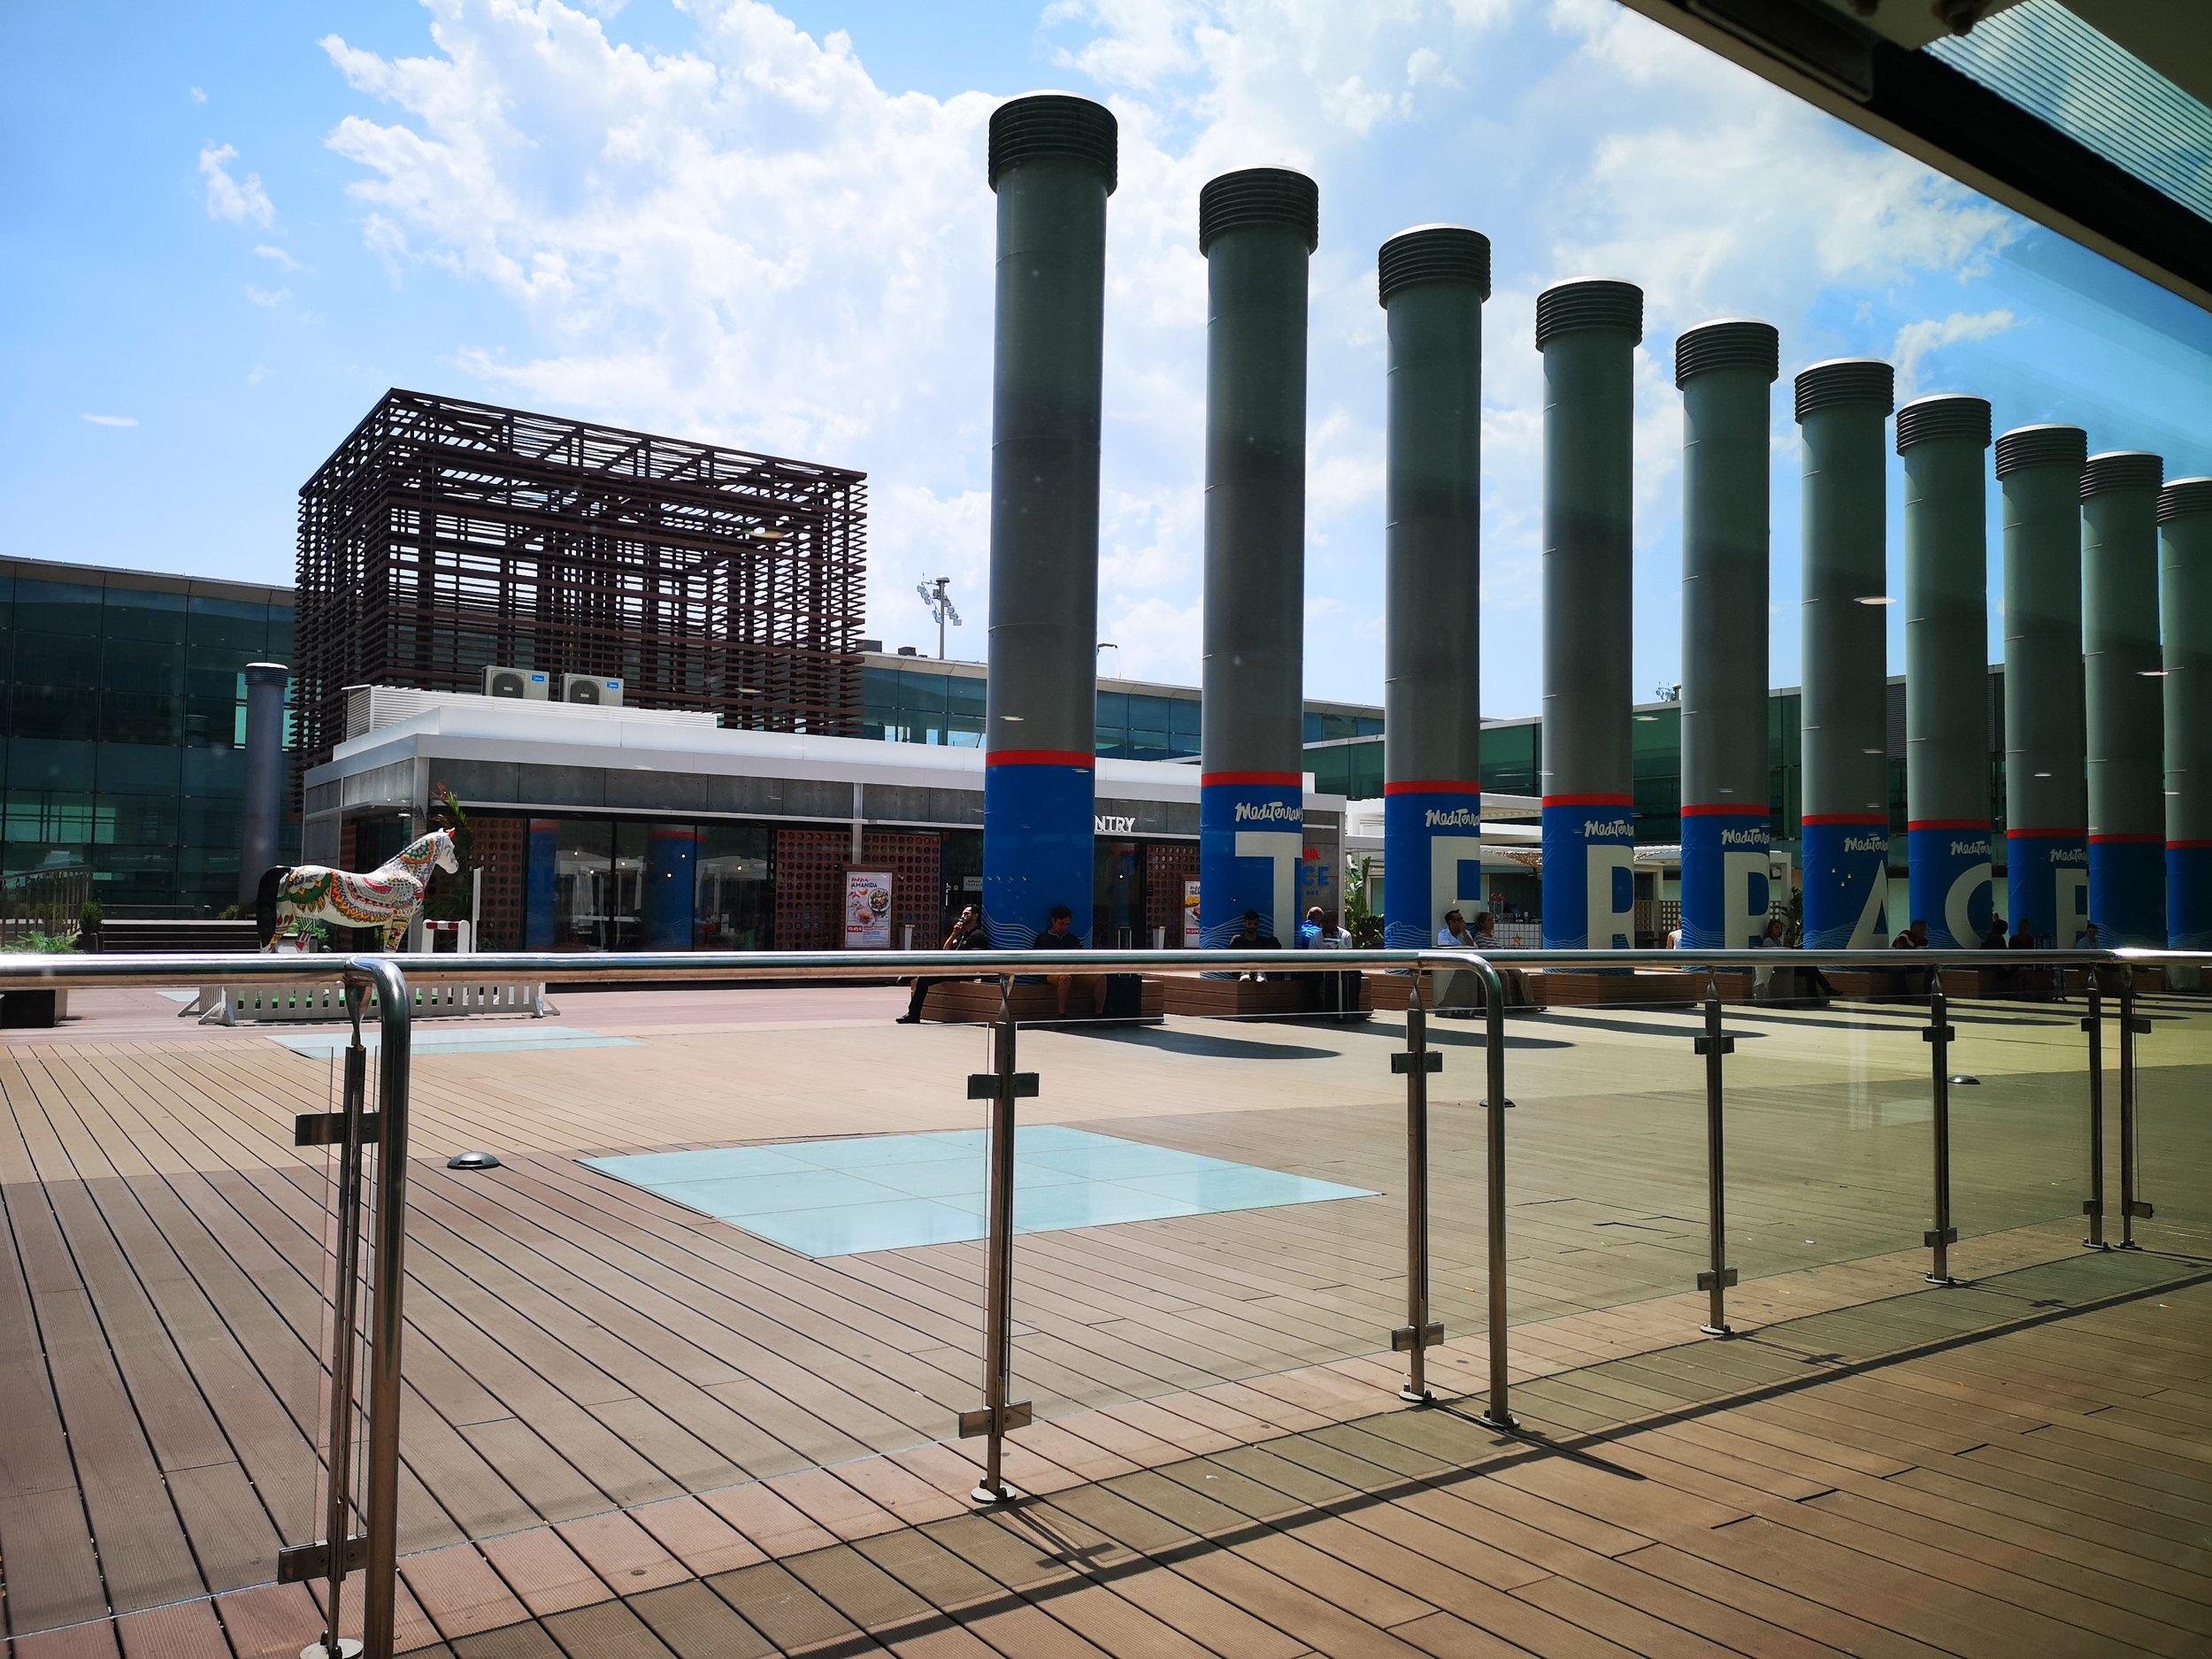 Bcn airport outdoor patio.jpg